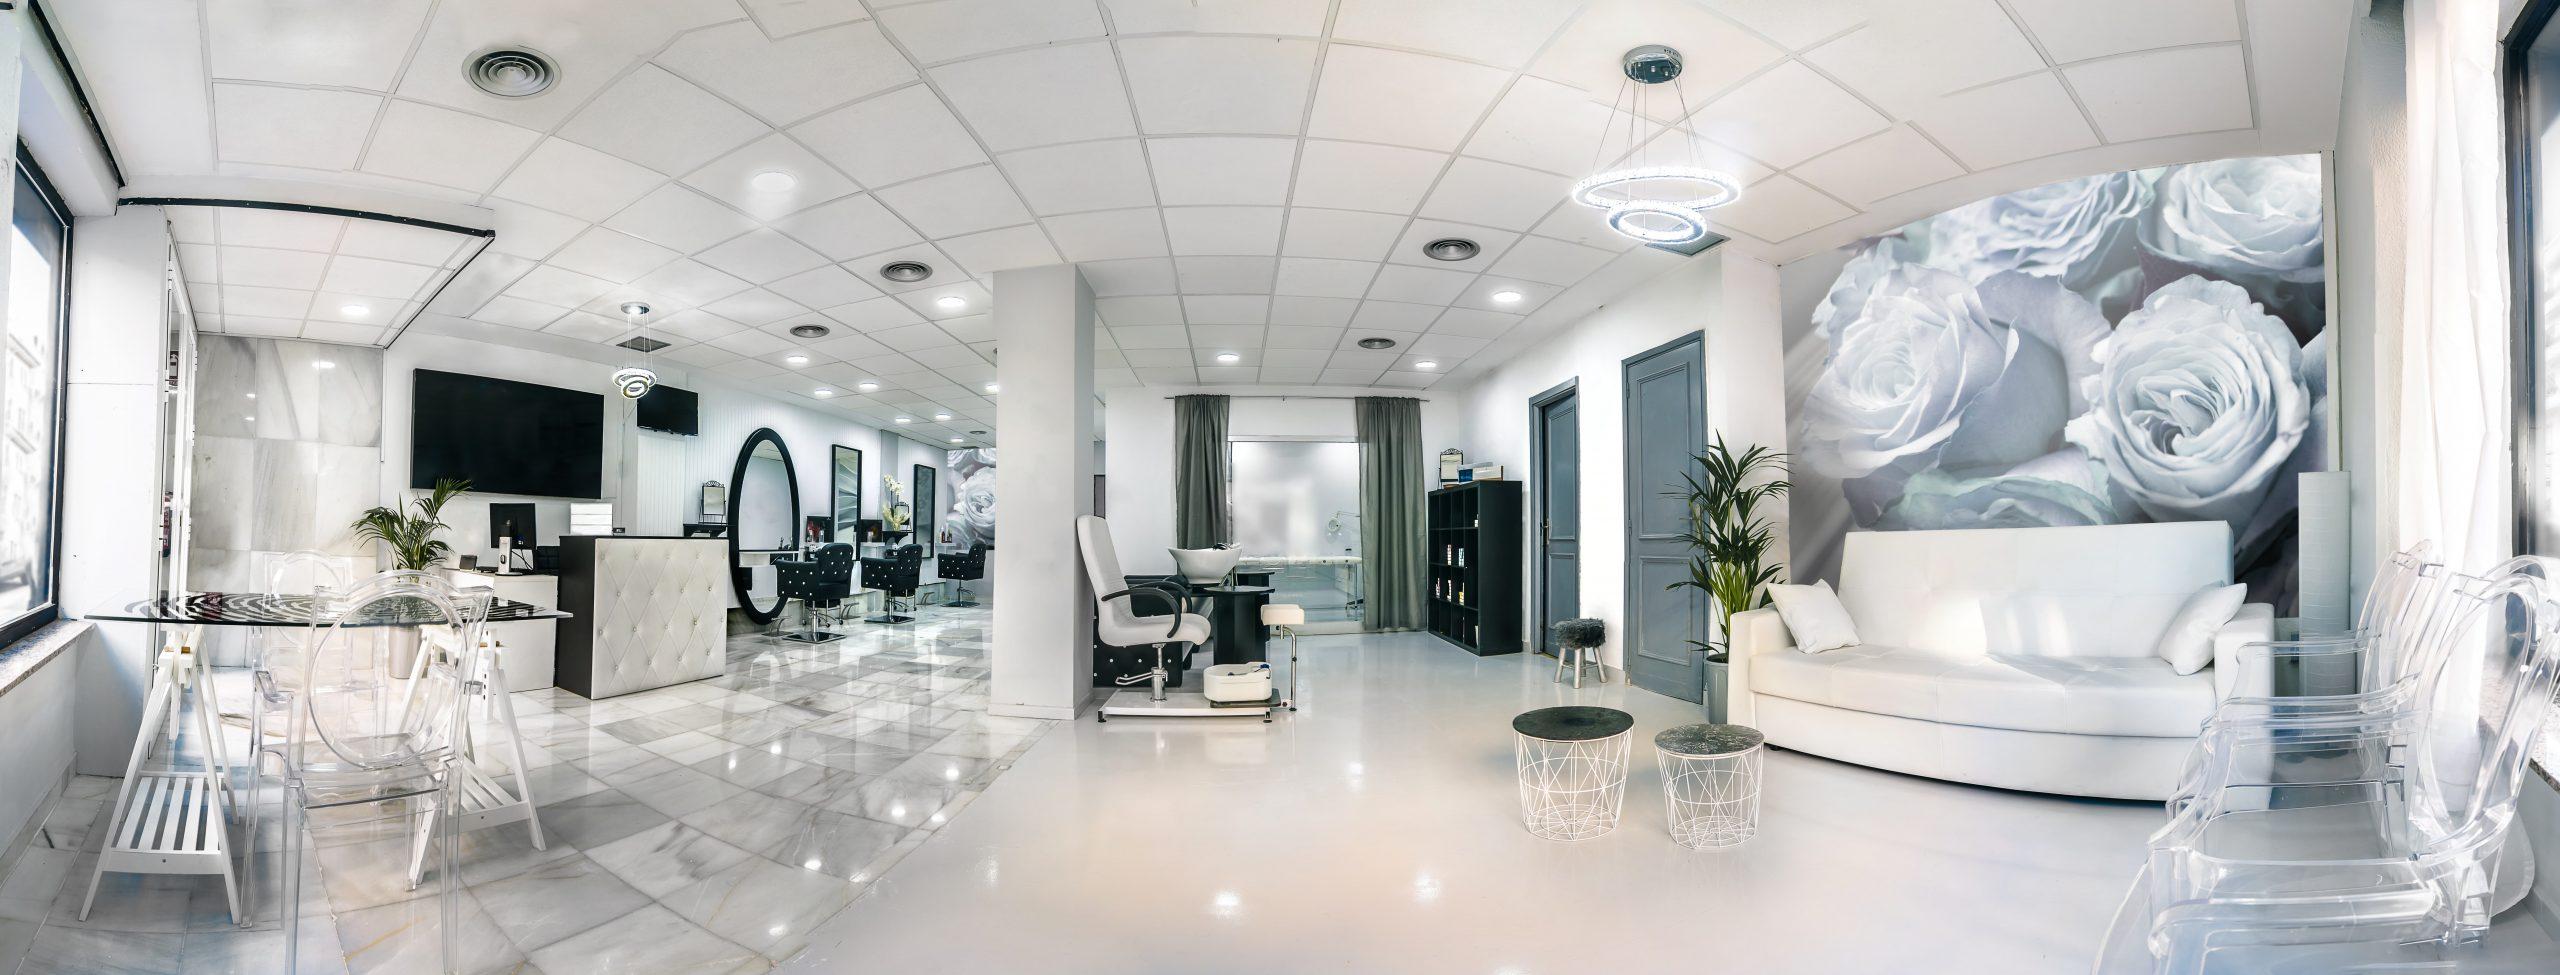 Як залучити клієнтів у салон краси? | Kyivstar Business Hub зображення №1